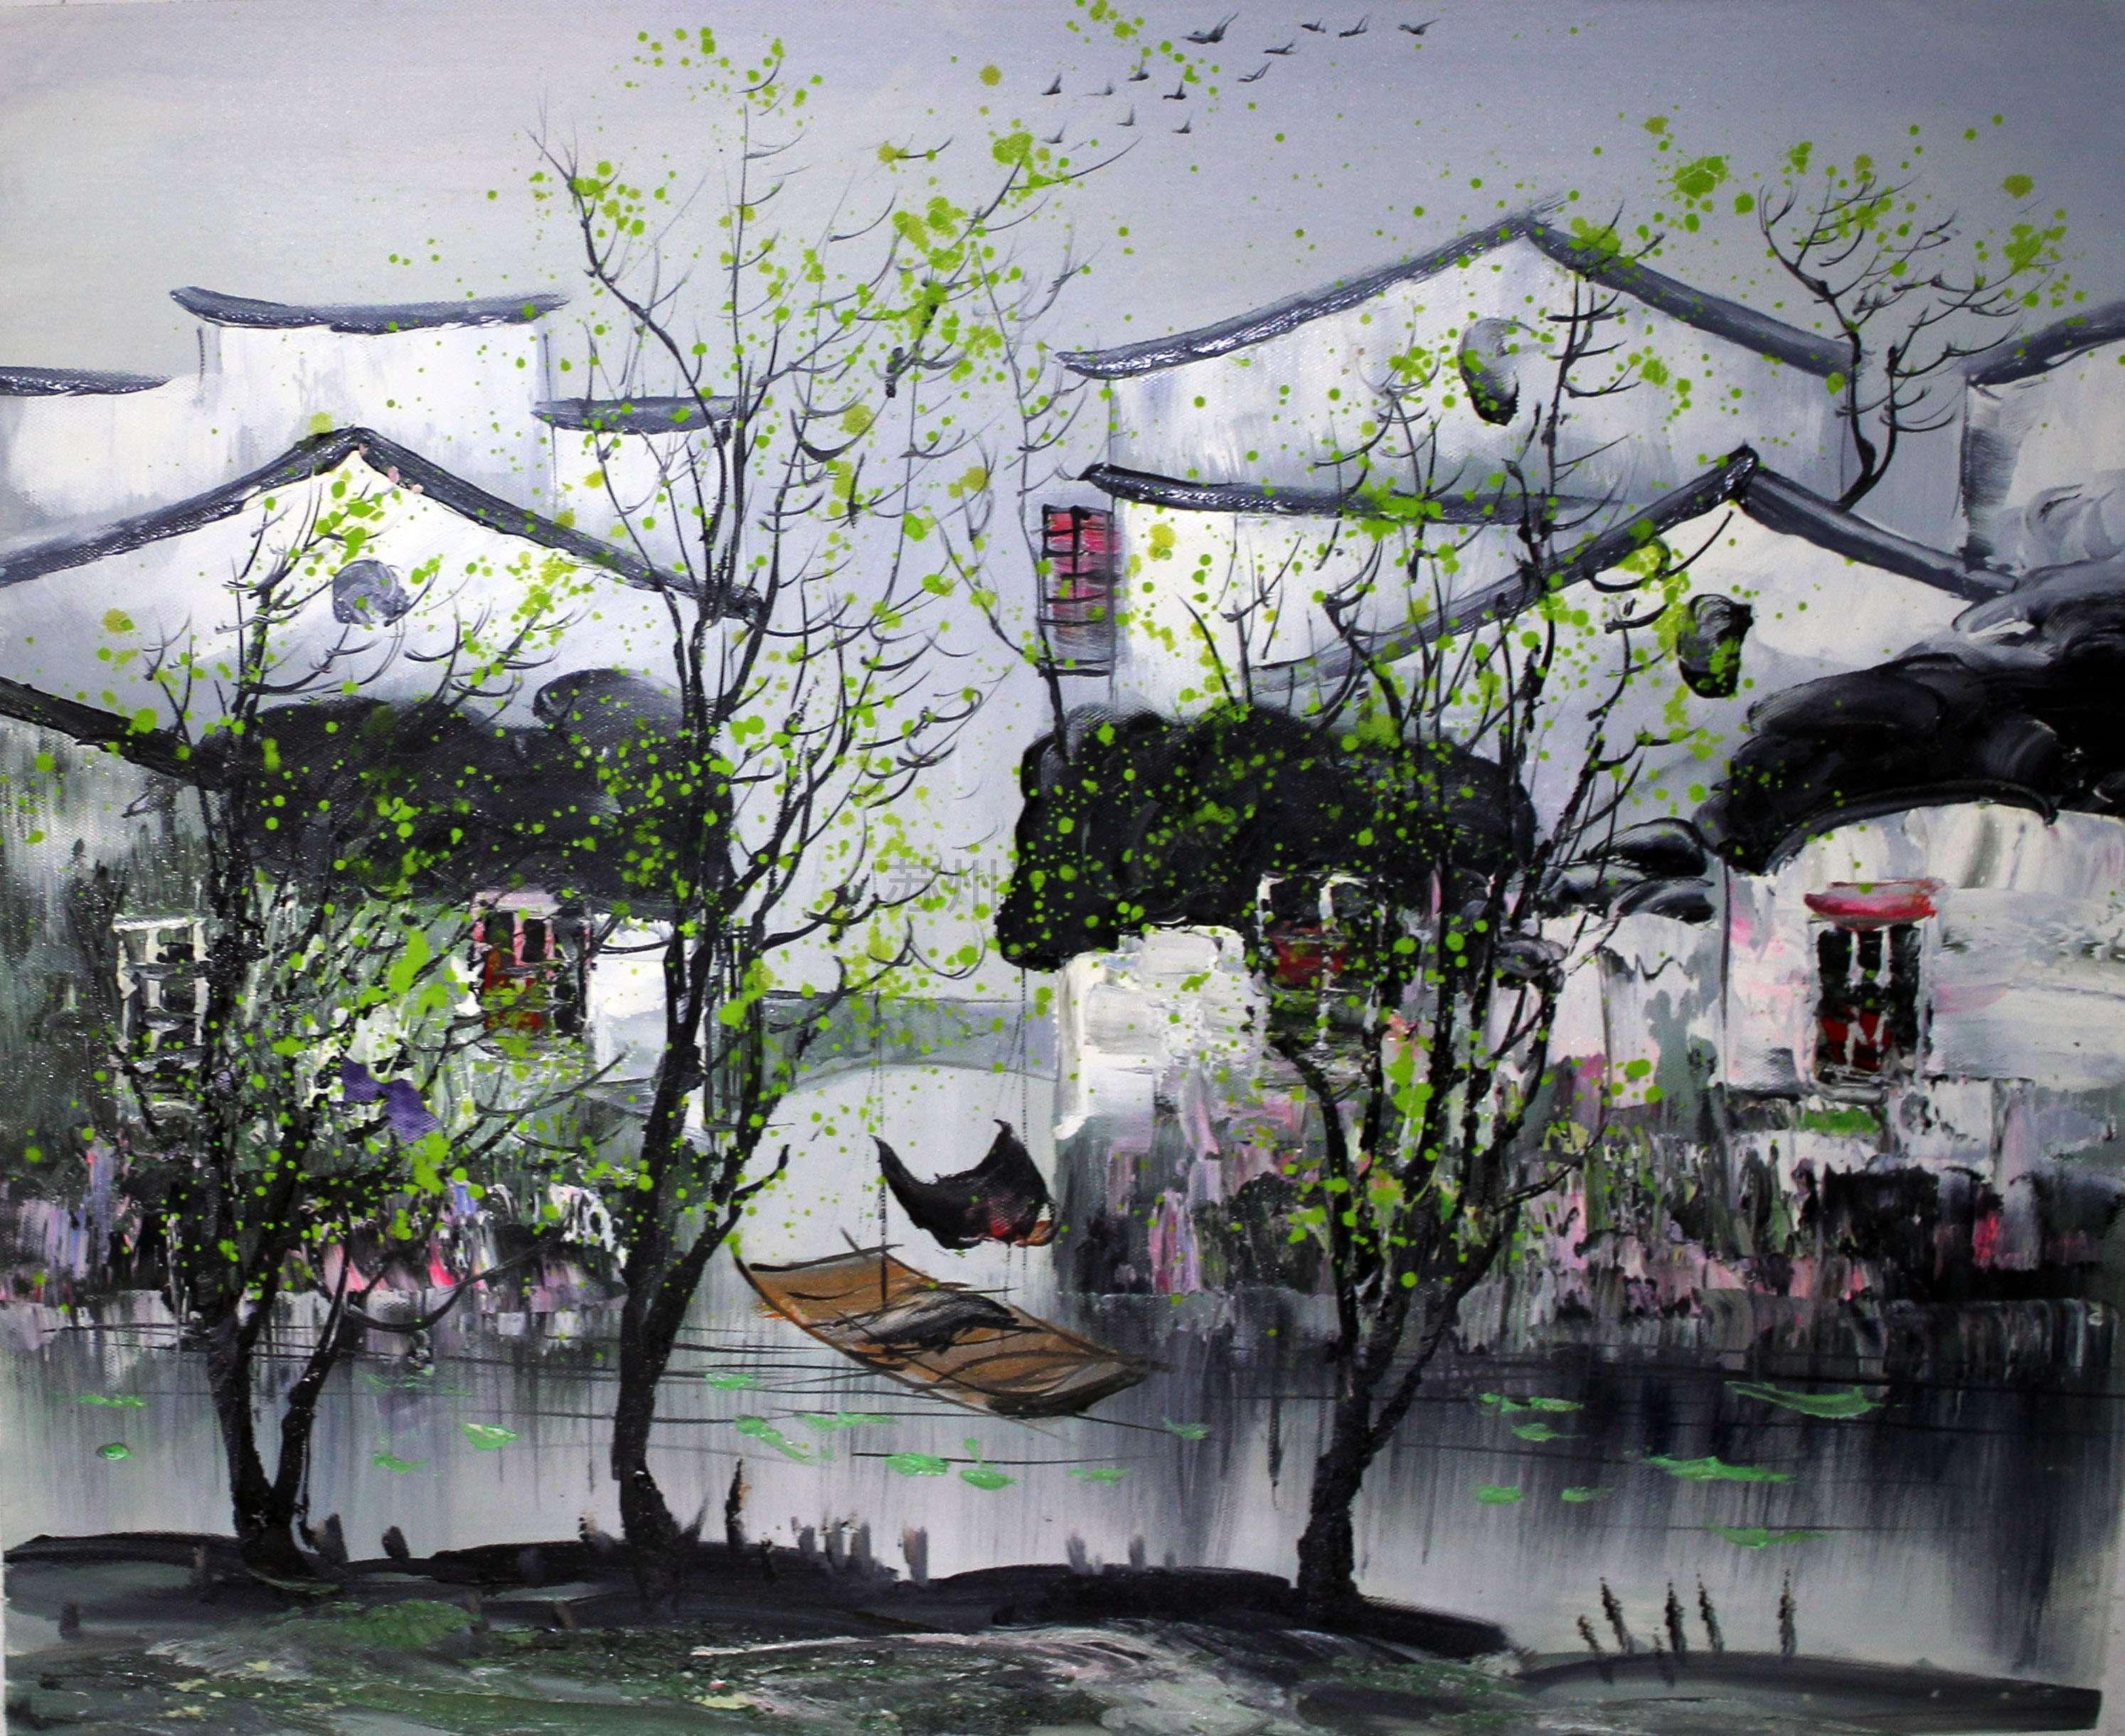 蘇州裝飾畫蘇州風景吳冠中風格油畫裝飾畫 - 蘇州半畝